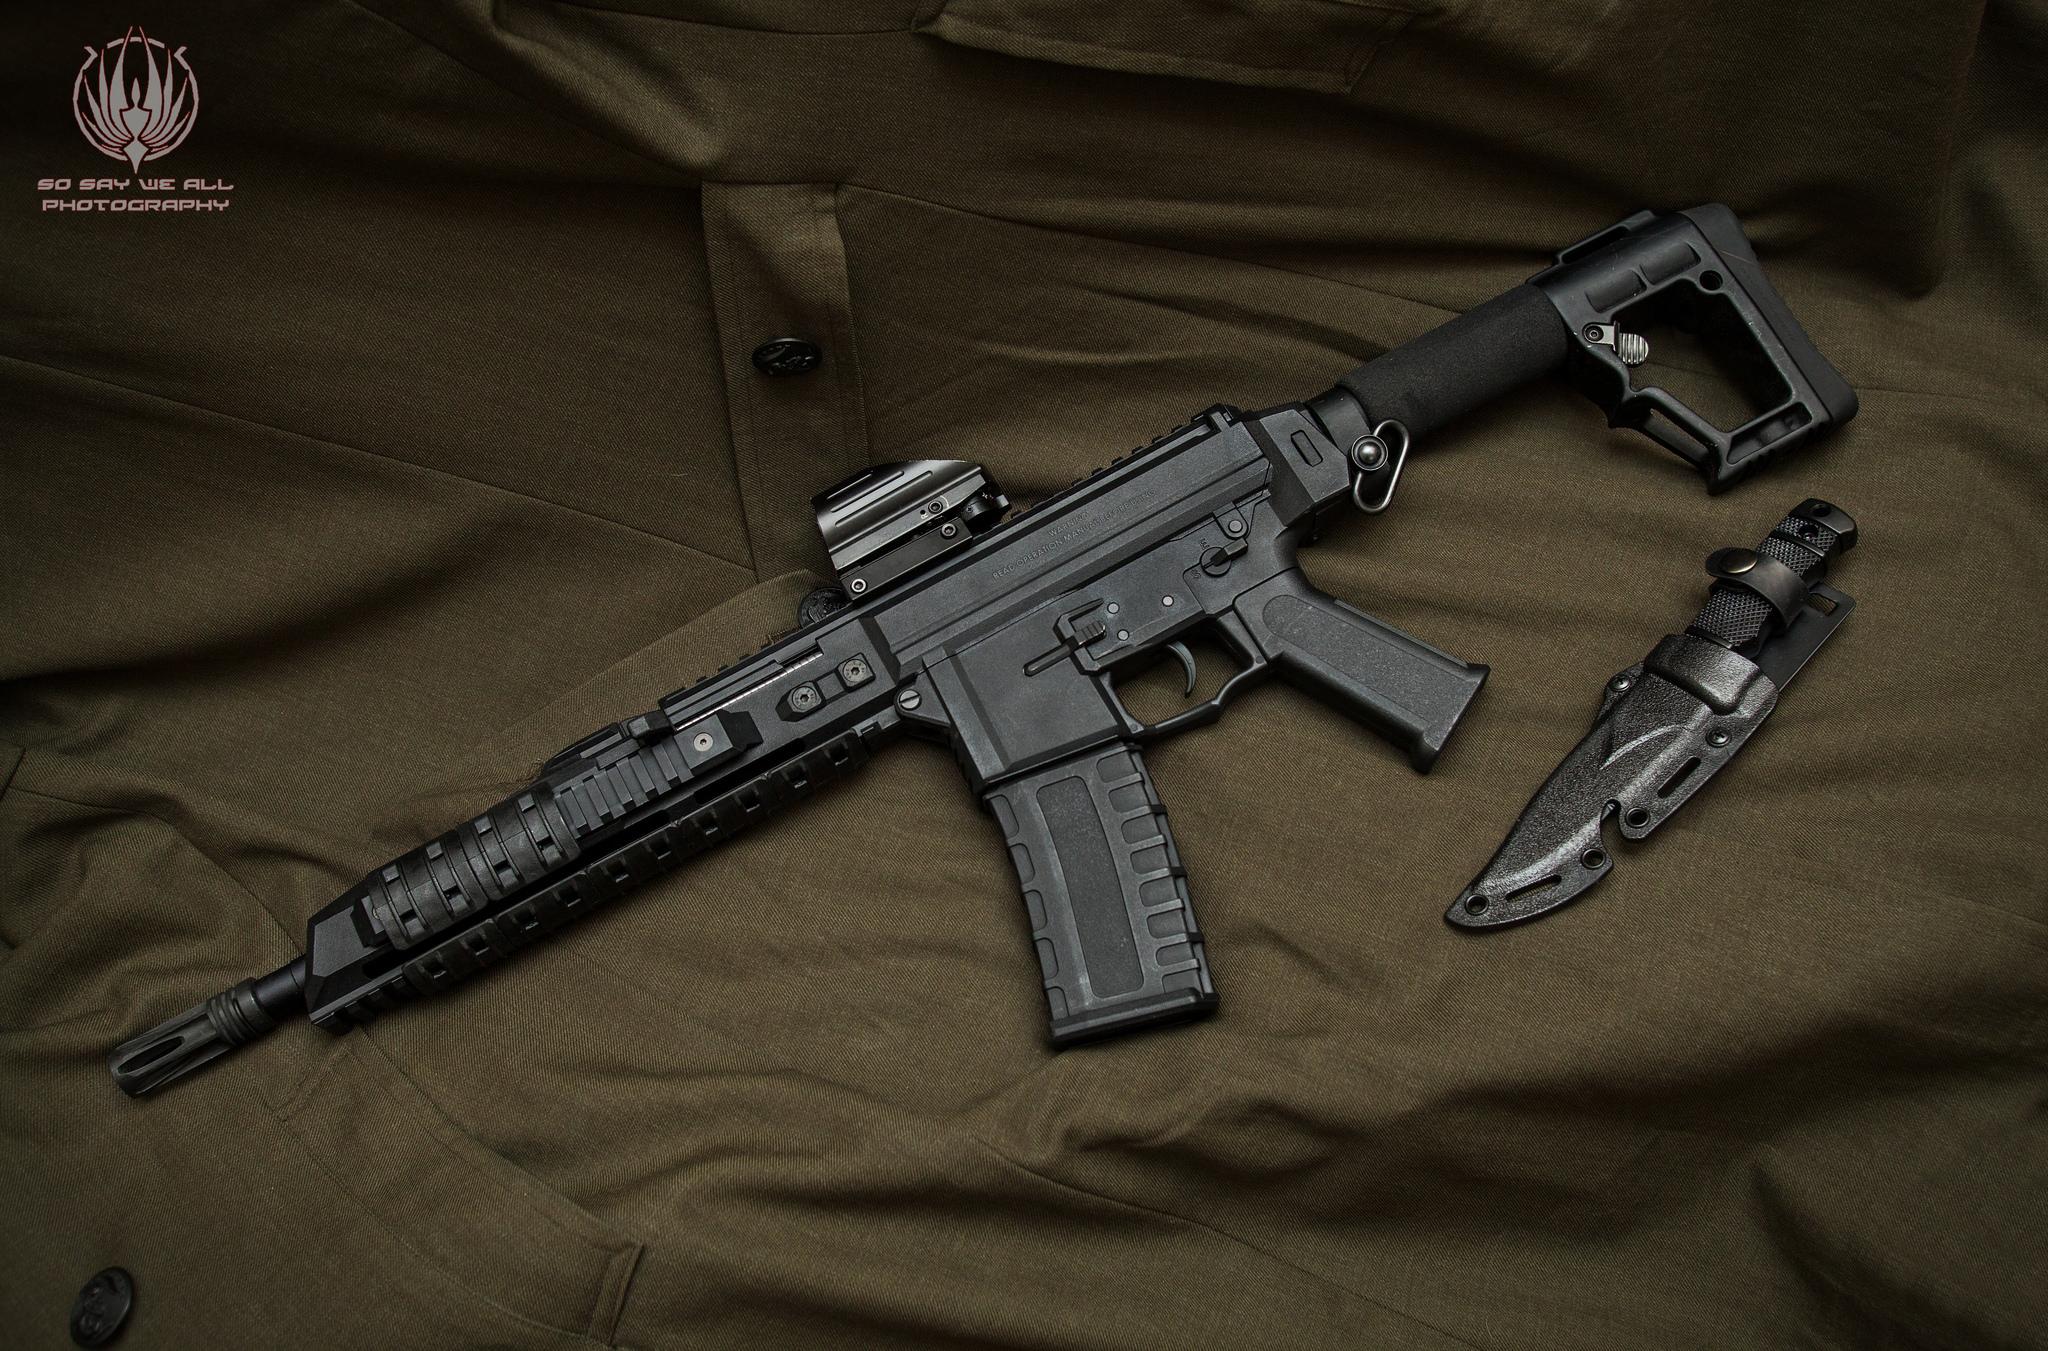 ghk_g5_carbine___12_inch_barrel_by_faram